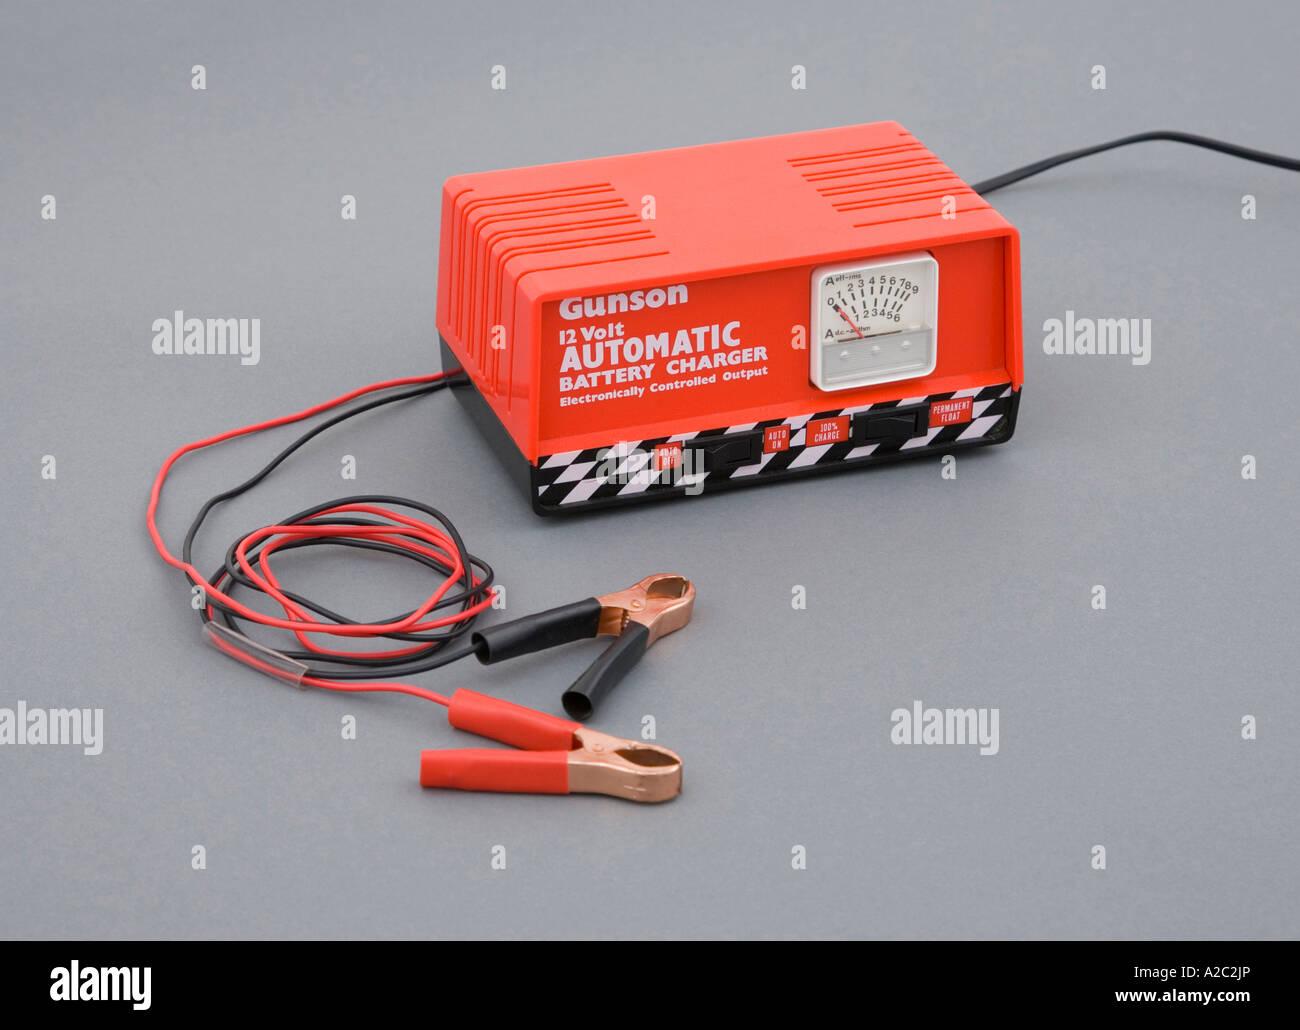 12 Volt Car Battery Stock Photos 12 Volt Car Battery Stock